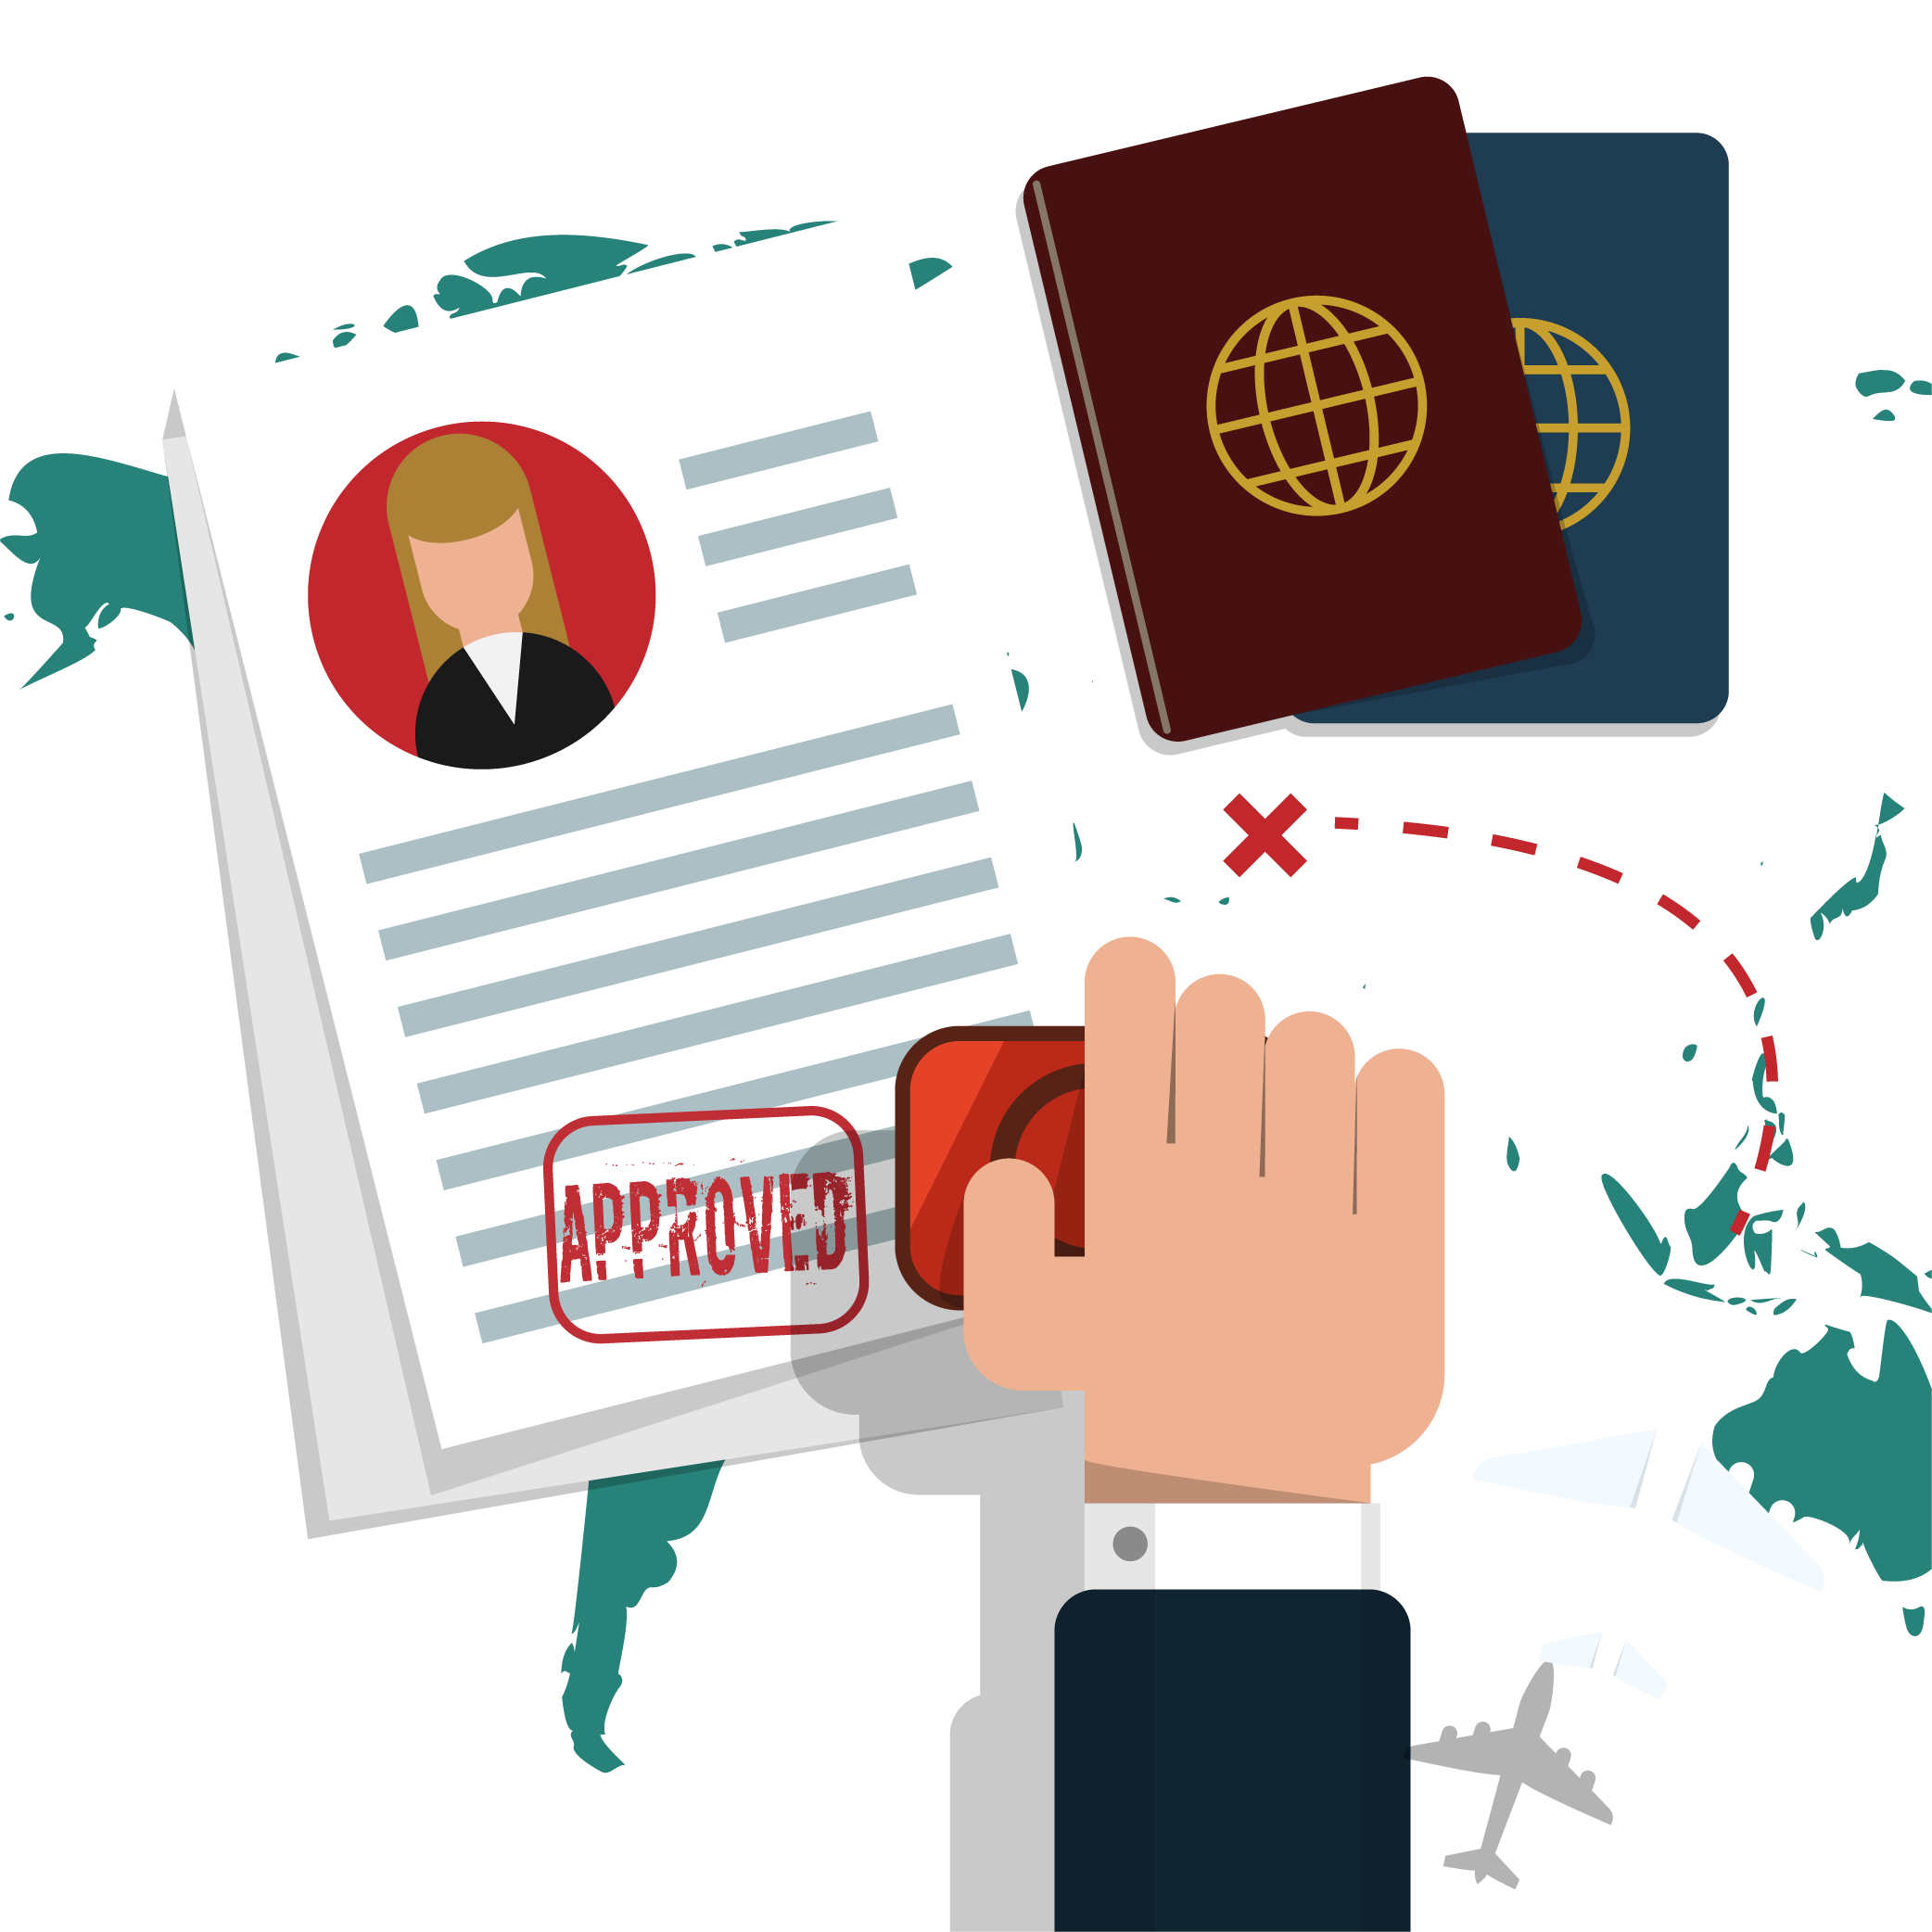 kisspng-canada-travel-visa-eb-5-visa-cartoon-visa-stamped-5a718fbcdcd3e6.3450153915173918049045